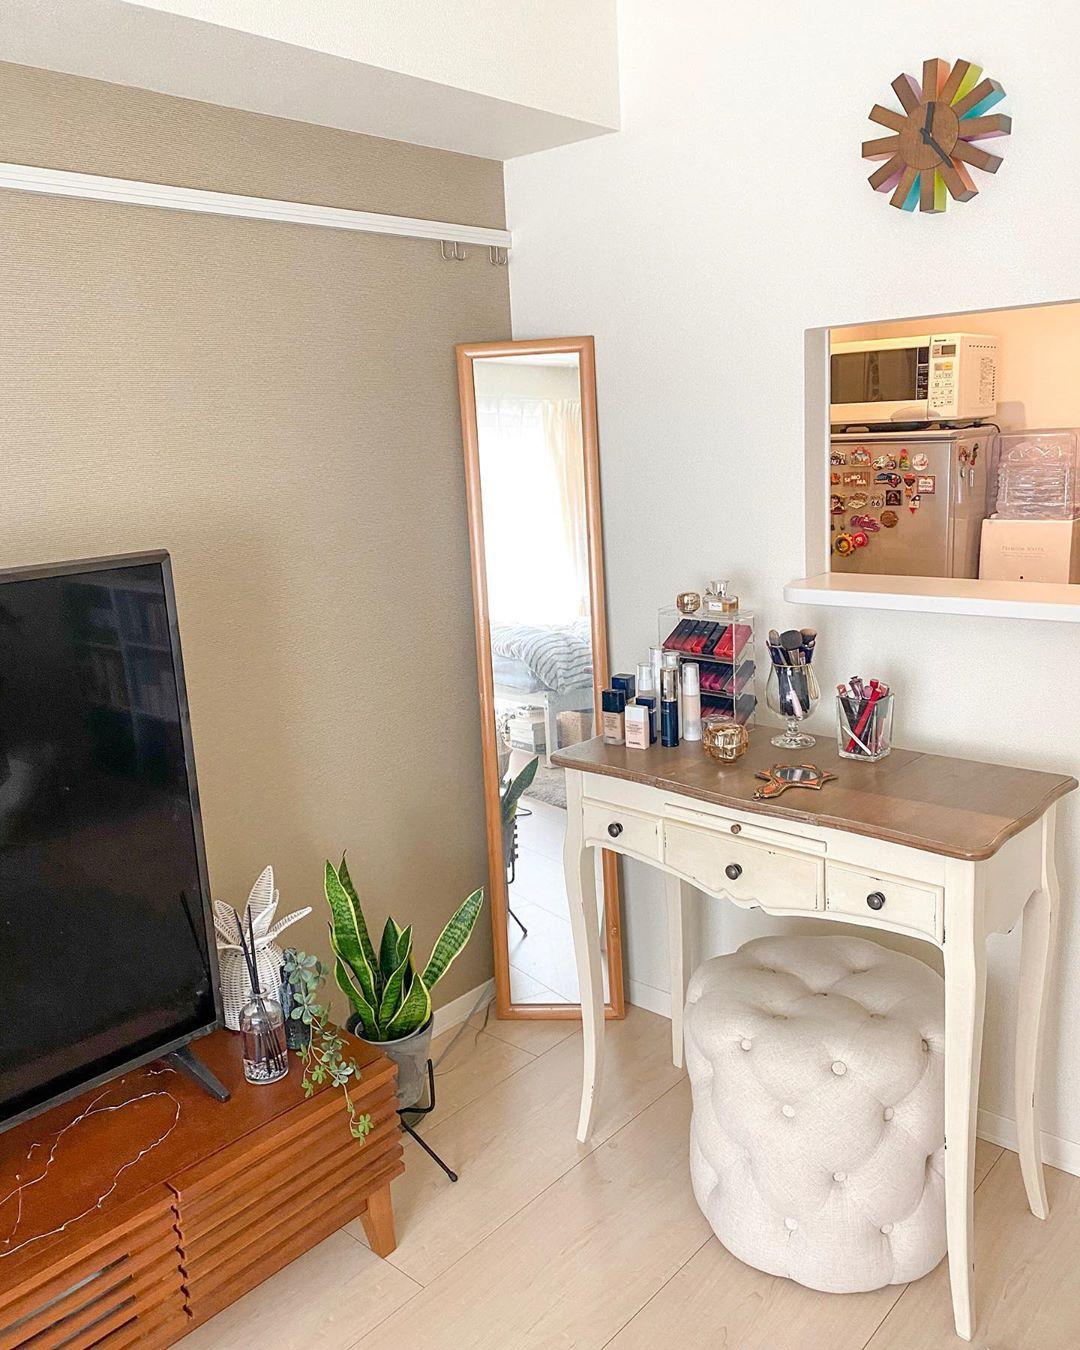 家具の配置は、生活動線を意識。外出前の身支度に必要なドレッサースペースは、洗面所や玄関からも近い部屋の入り口付近にまとめます。